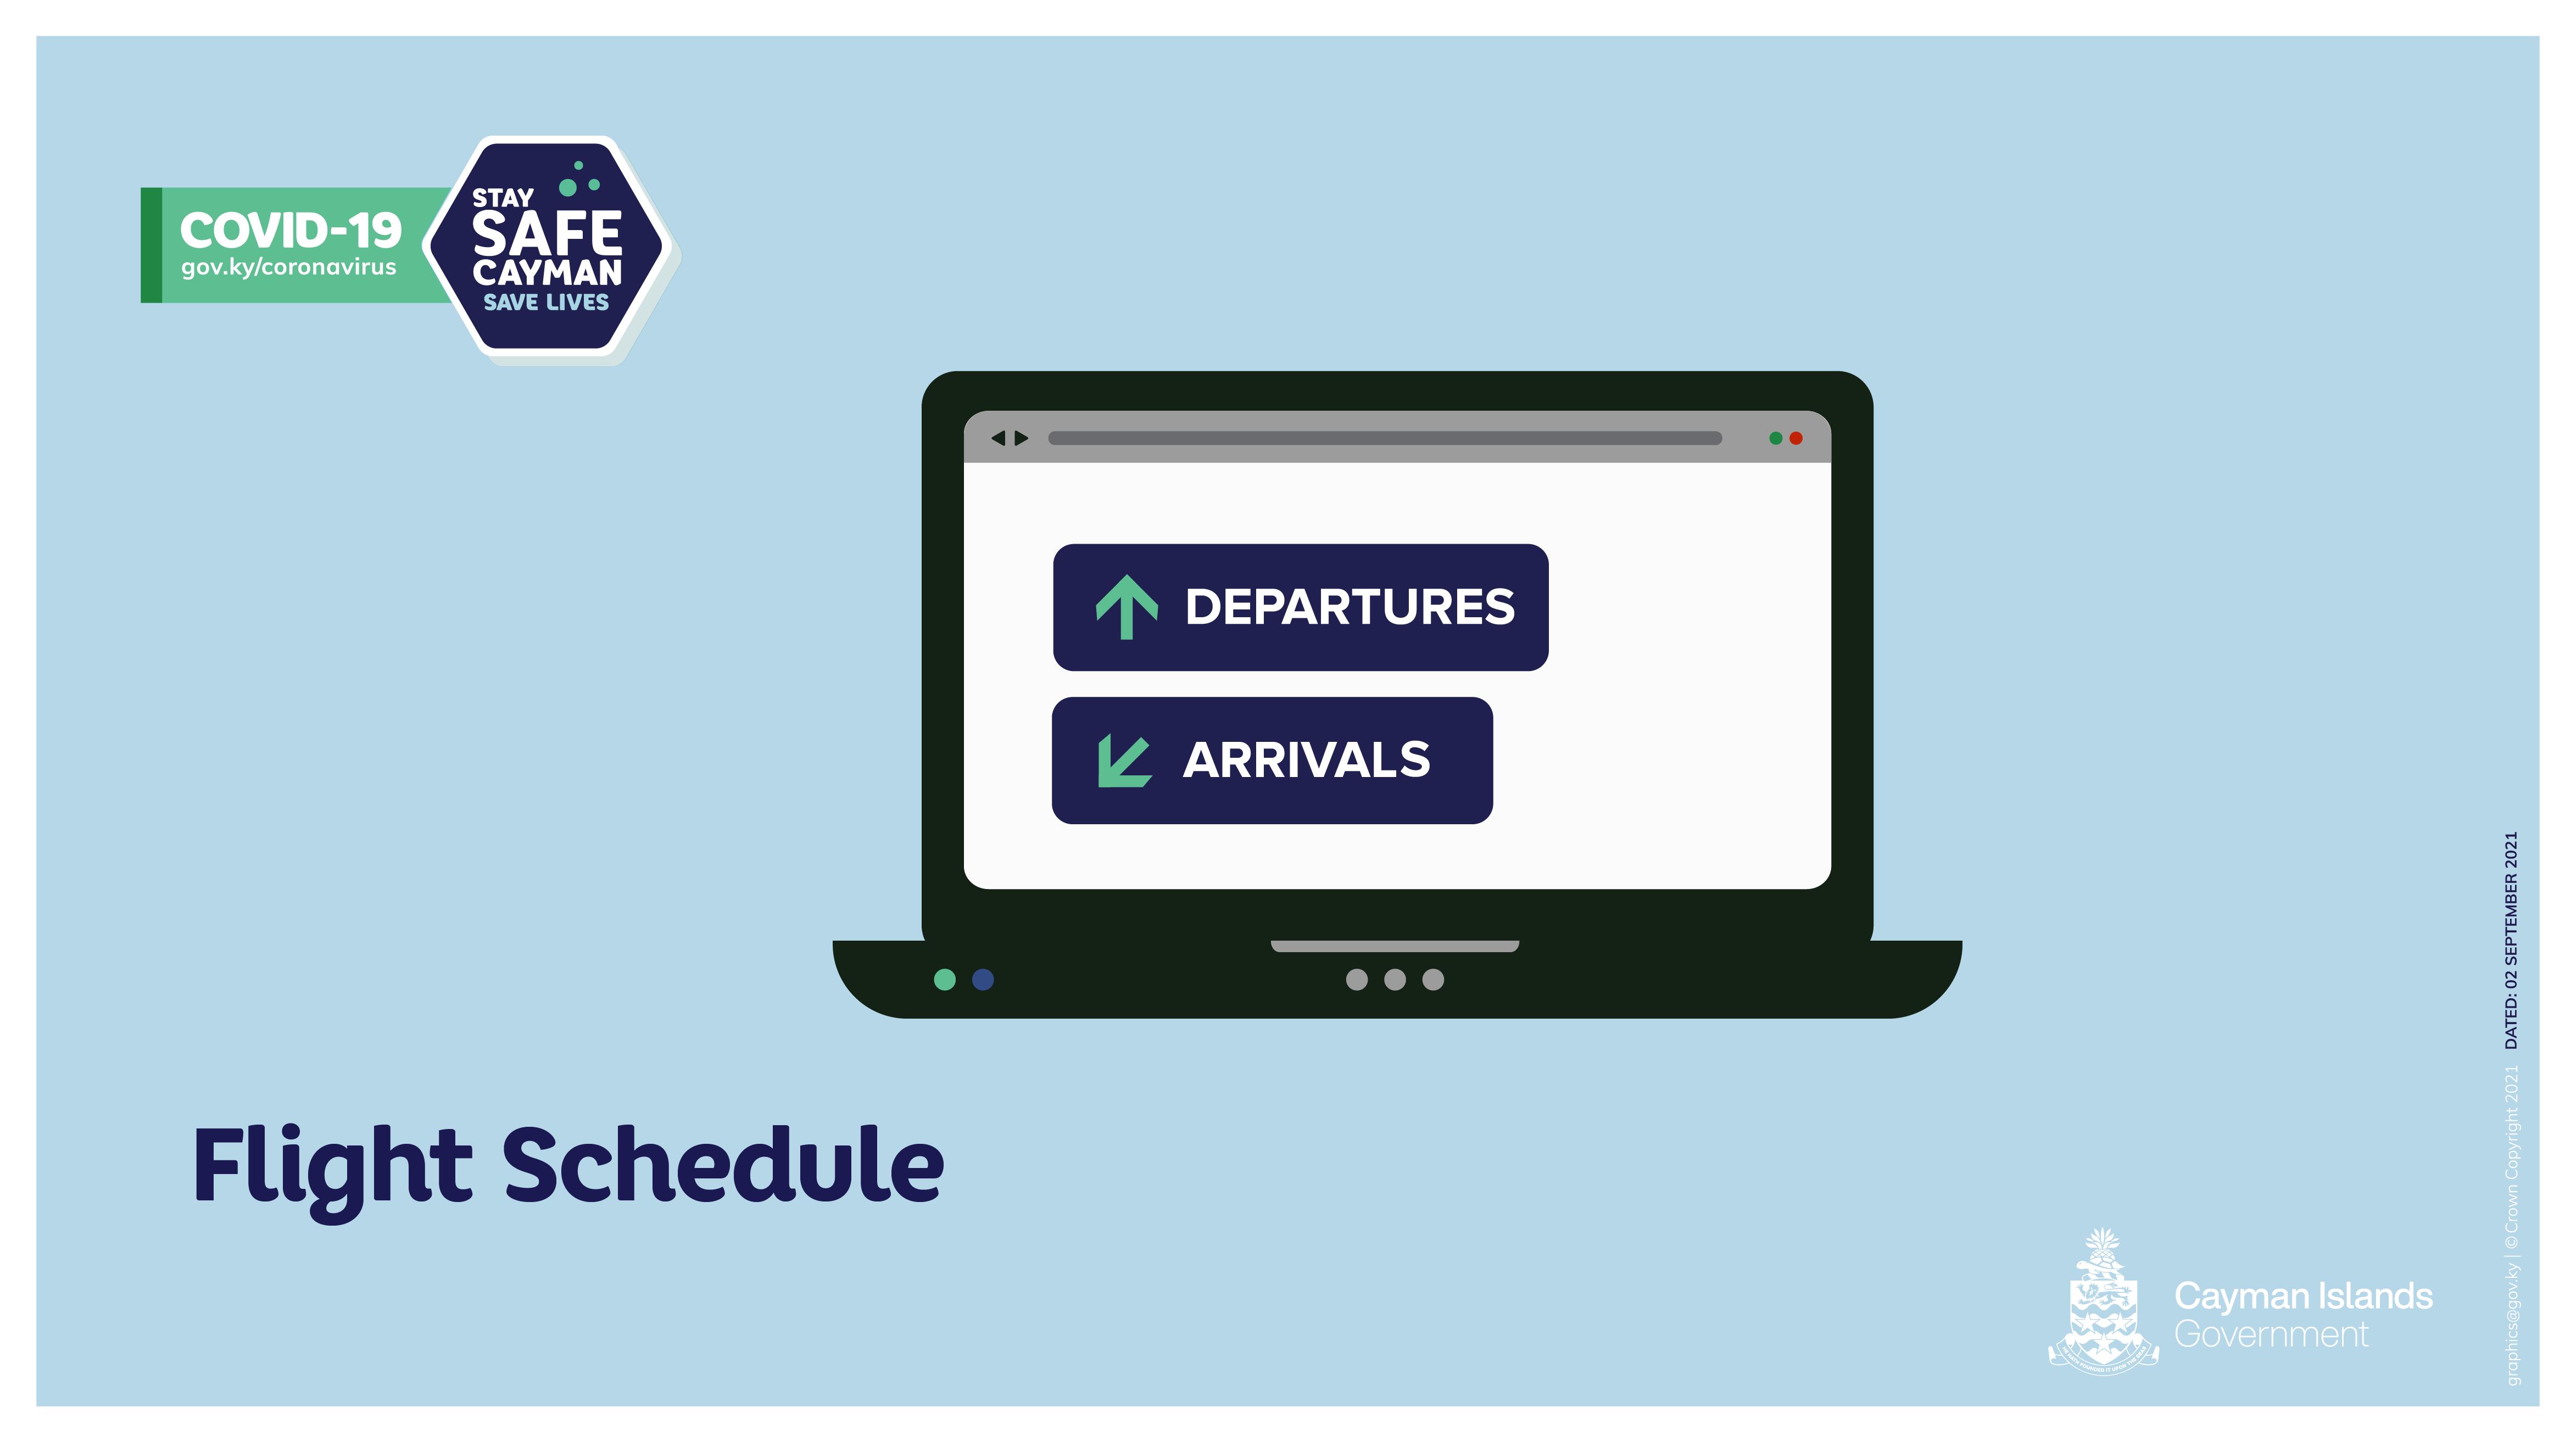 1627943382_CIG_TravelBlogPosts_FlightSchedule (1)